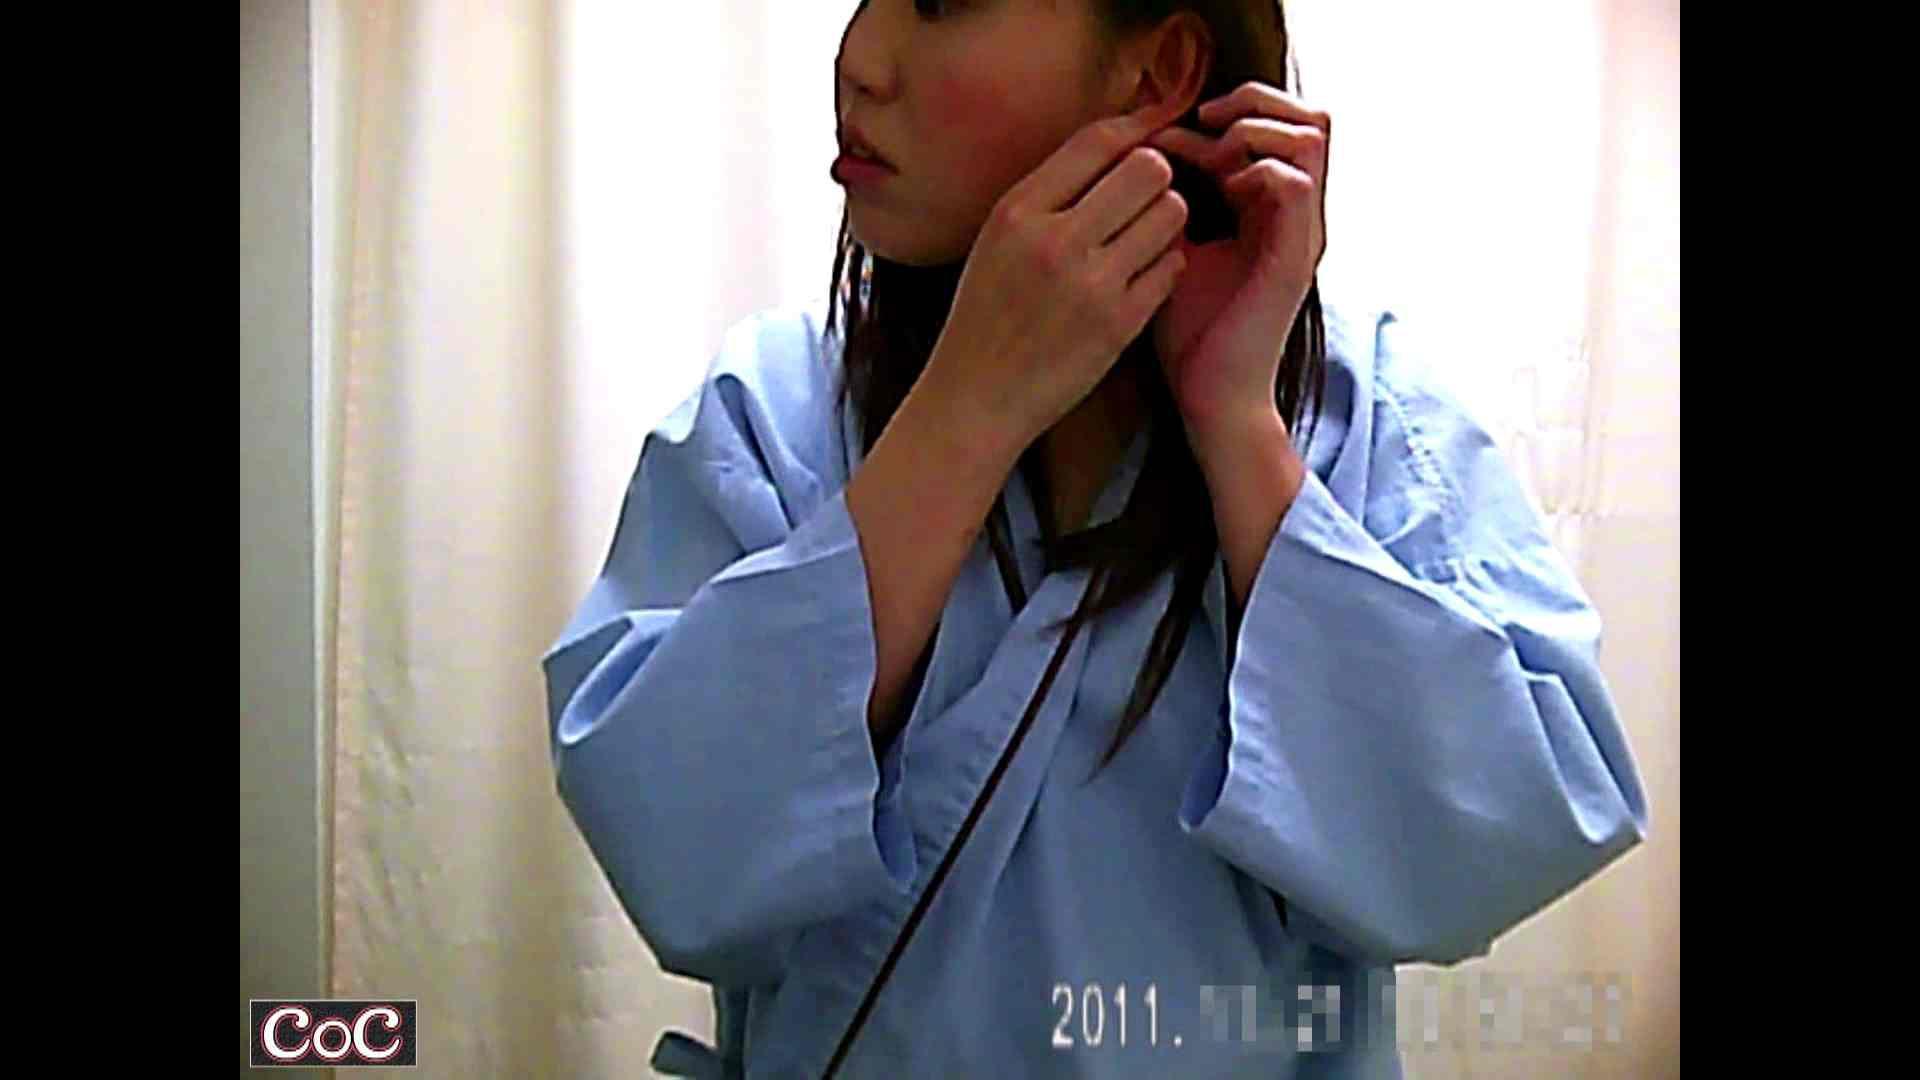 病院おもいっきり着替え! vol.98 おっぱい エロ無料画像 75PIX 9